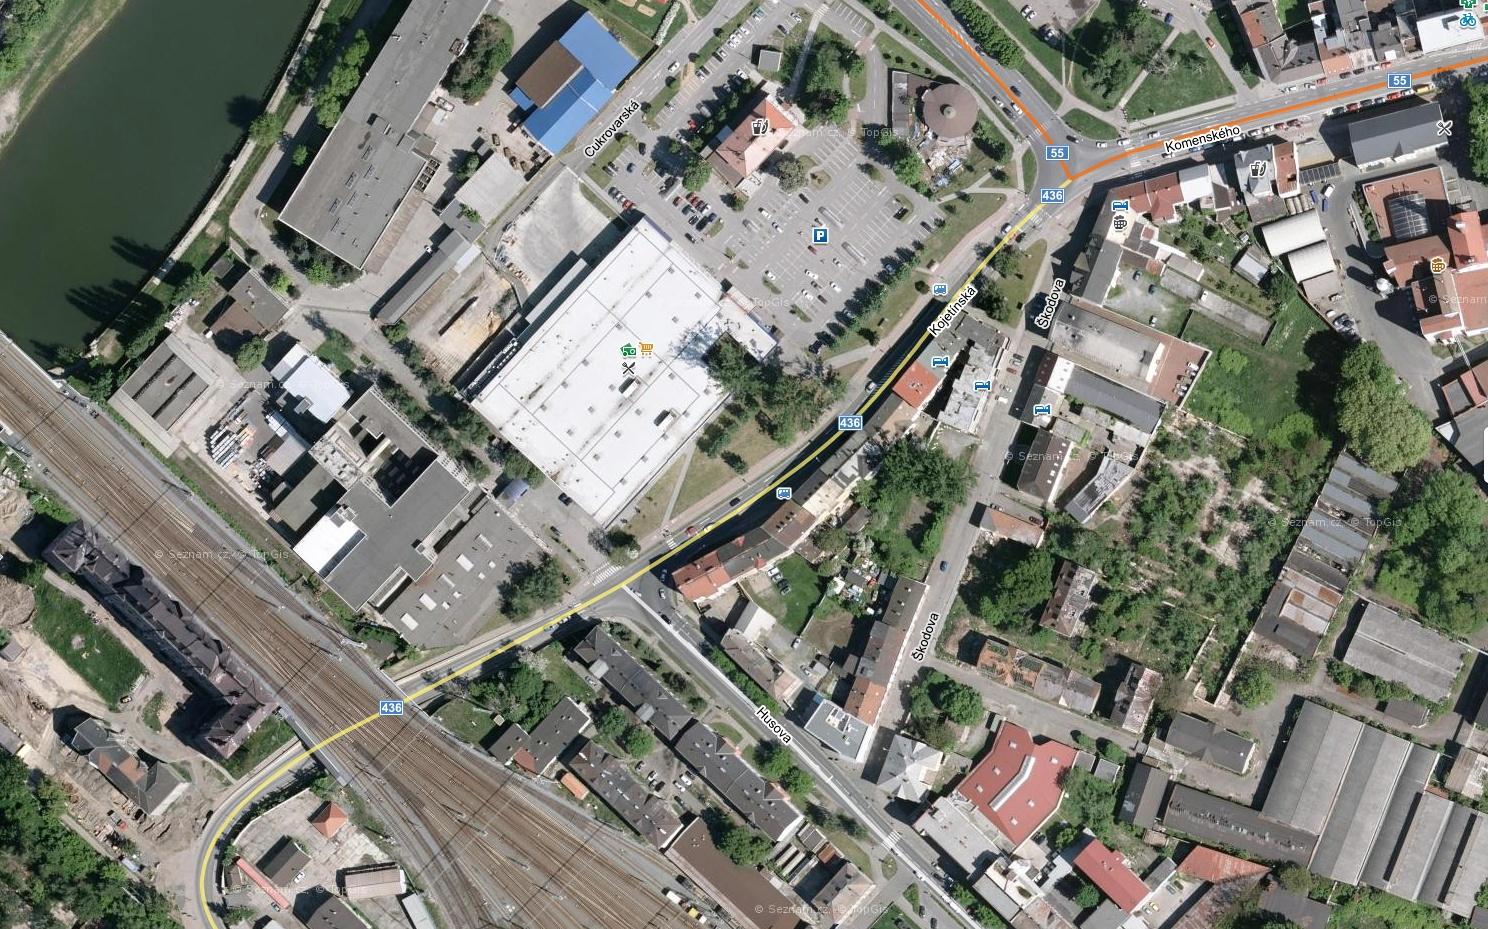 Od pondělí bude částečně uzavřena Kojetínská ulice, řidiči se musejí obrnit trpělivostí